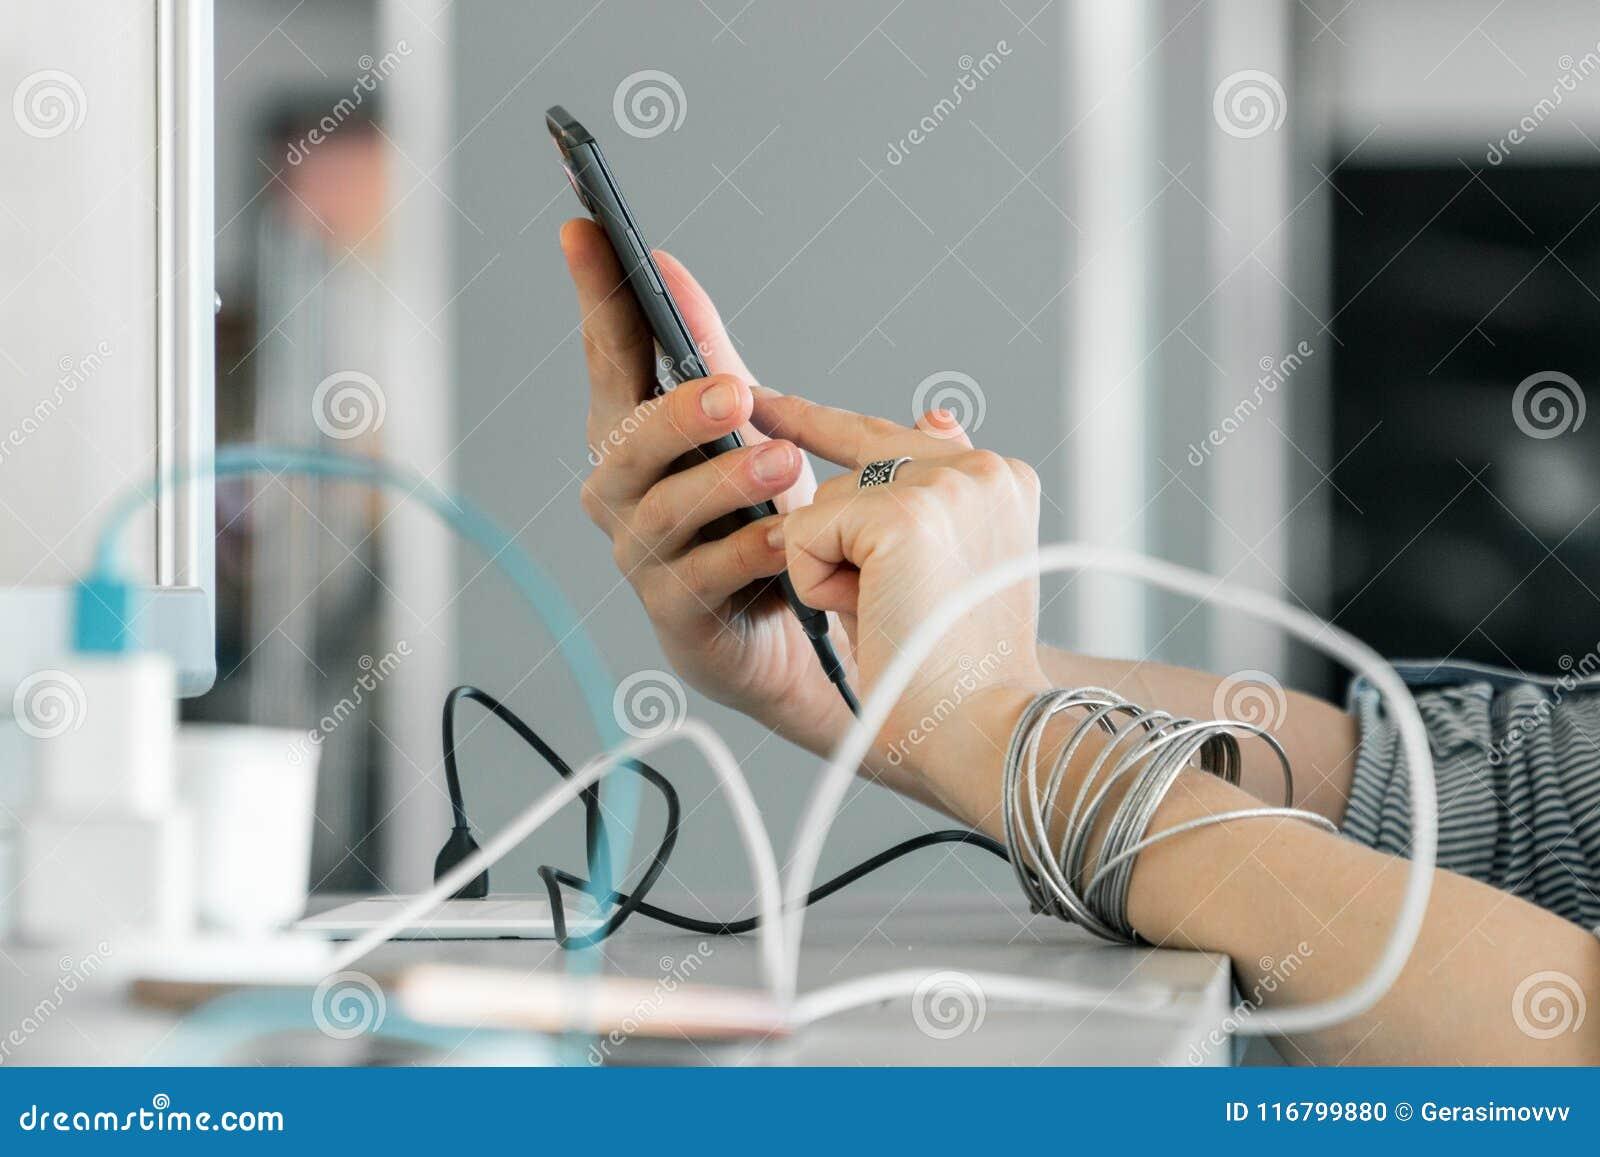 Frau übergibt holdingsmartphone bei der Aufladung es in einem Öffentlichkeitswinkel des leistungshebels